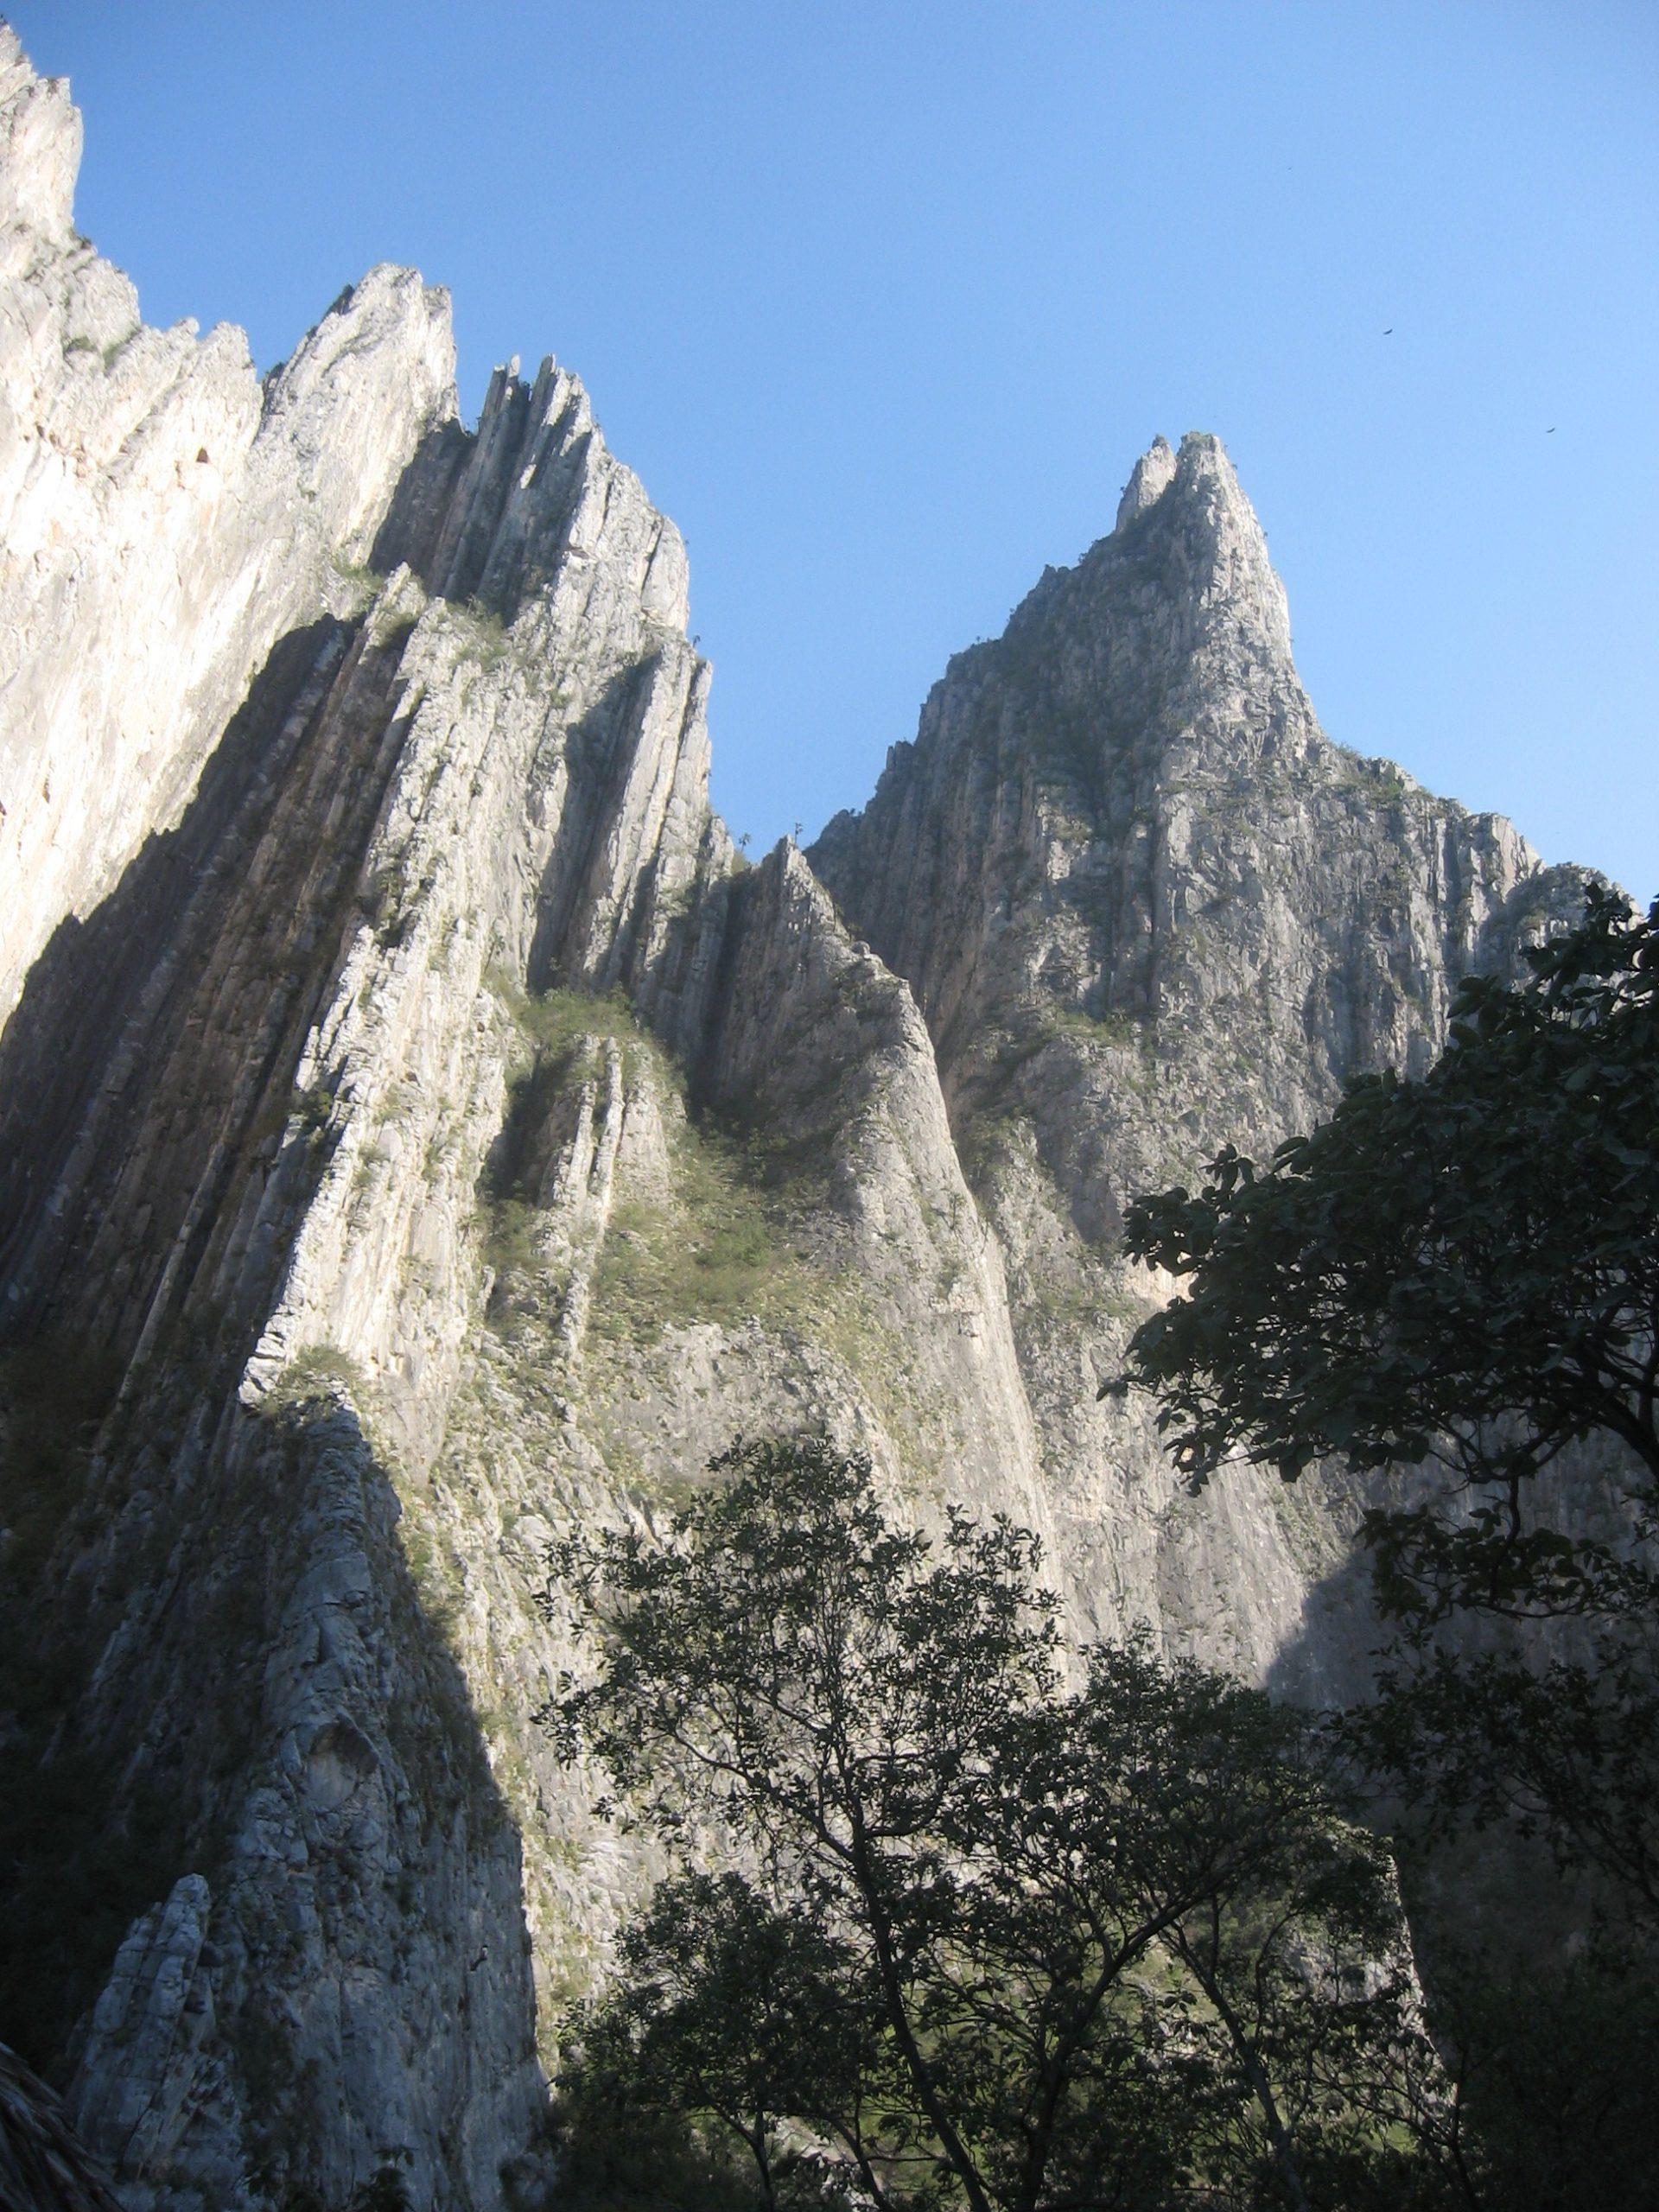 Sierra de San Nicolás, Nuevo León